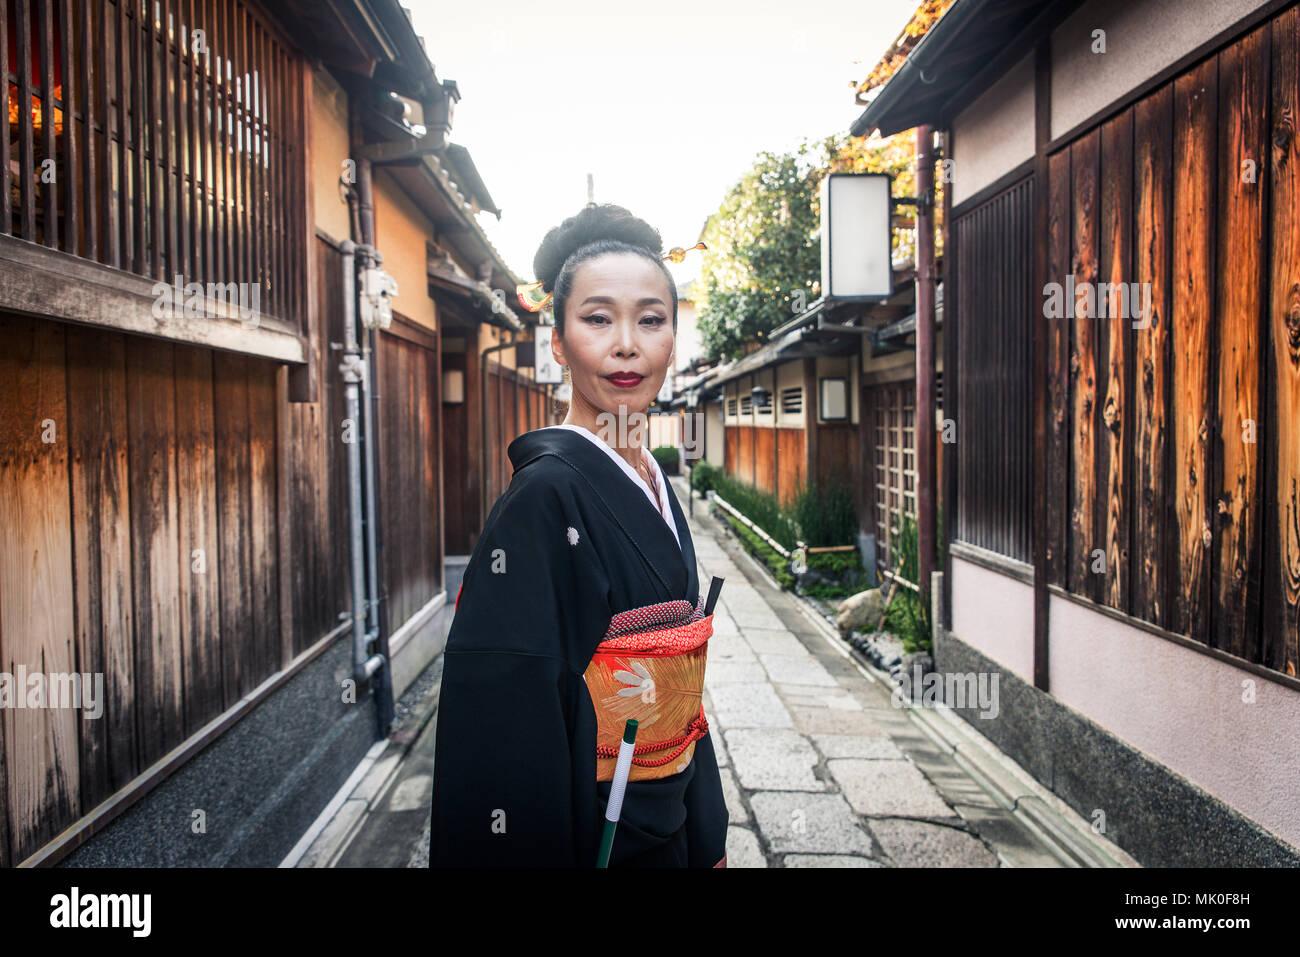 Donna giapponese indossa abbigliamento tradizionale e passeggiate all'aperto Immagini Stock